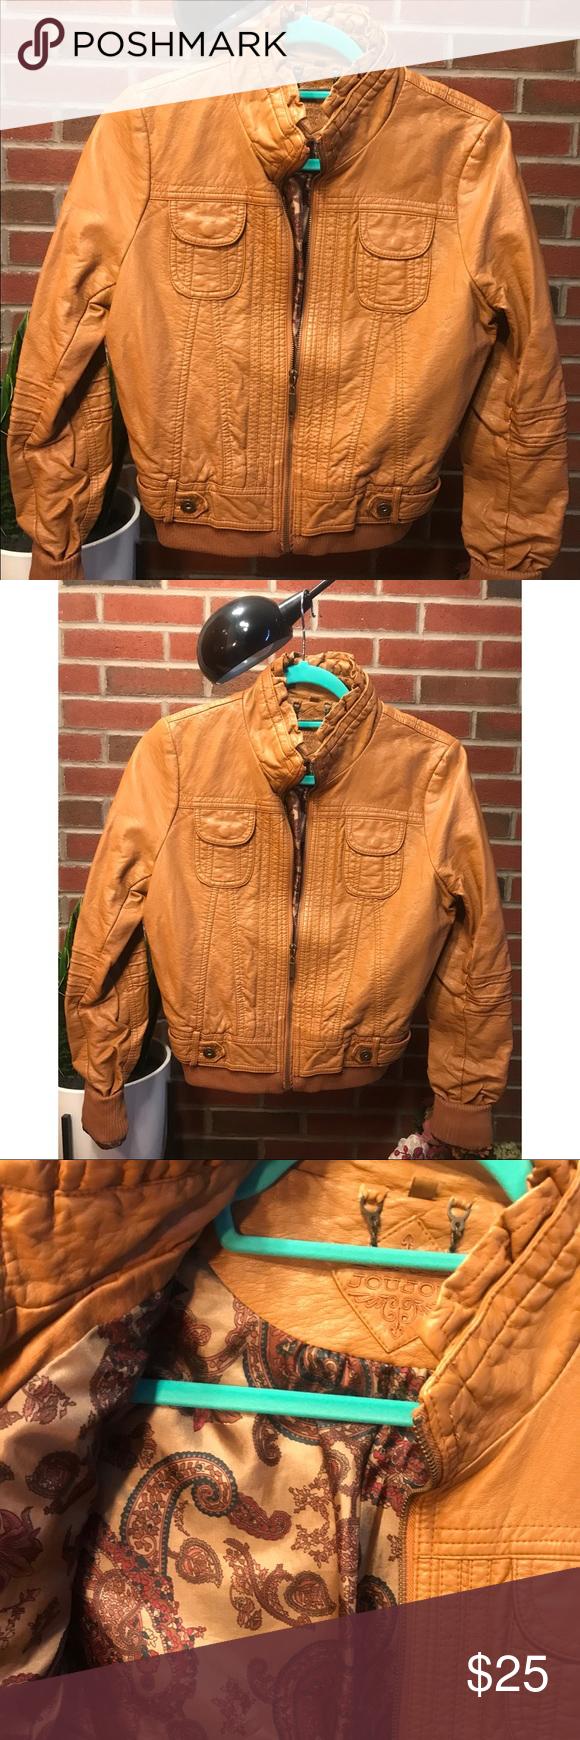 Vegan Leather Bomber Jacket Leather bomber jacket